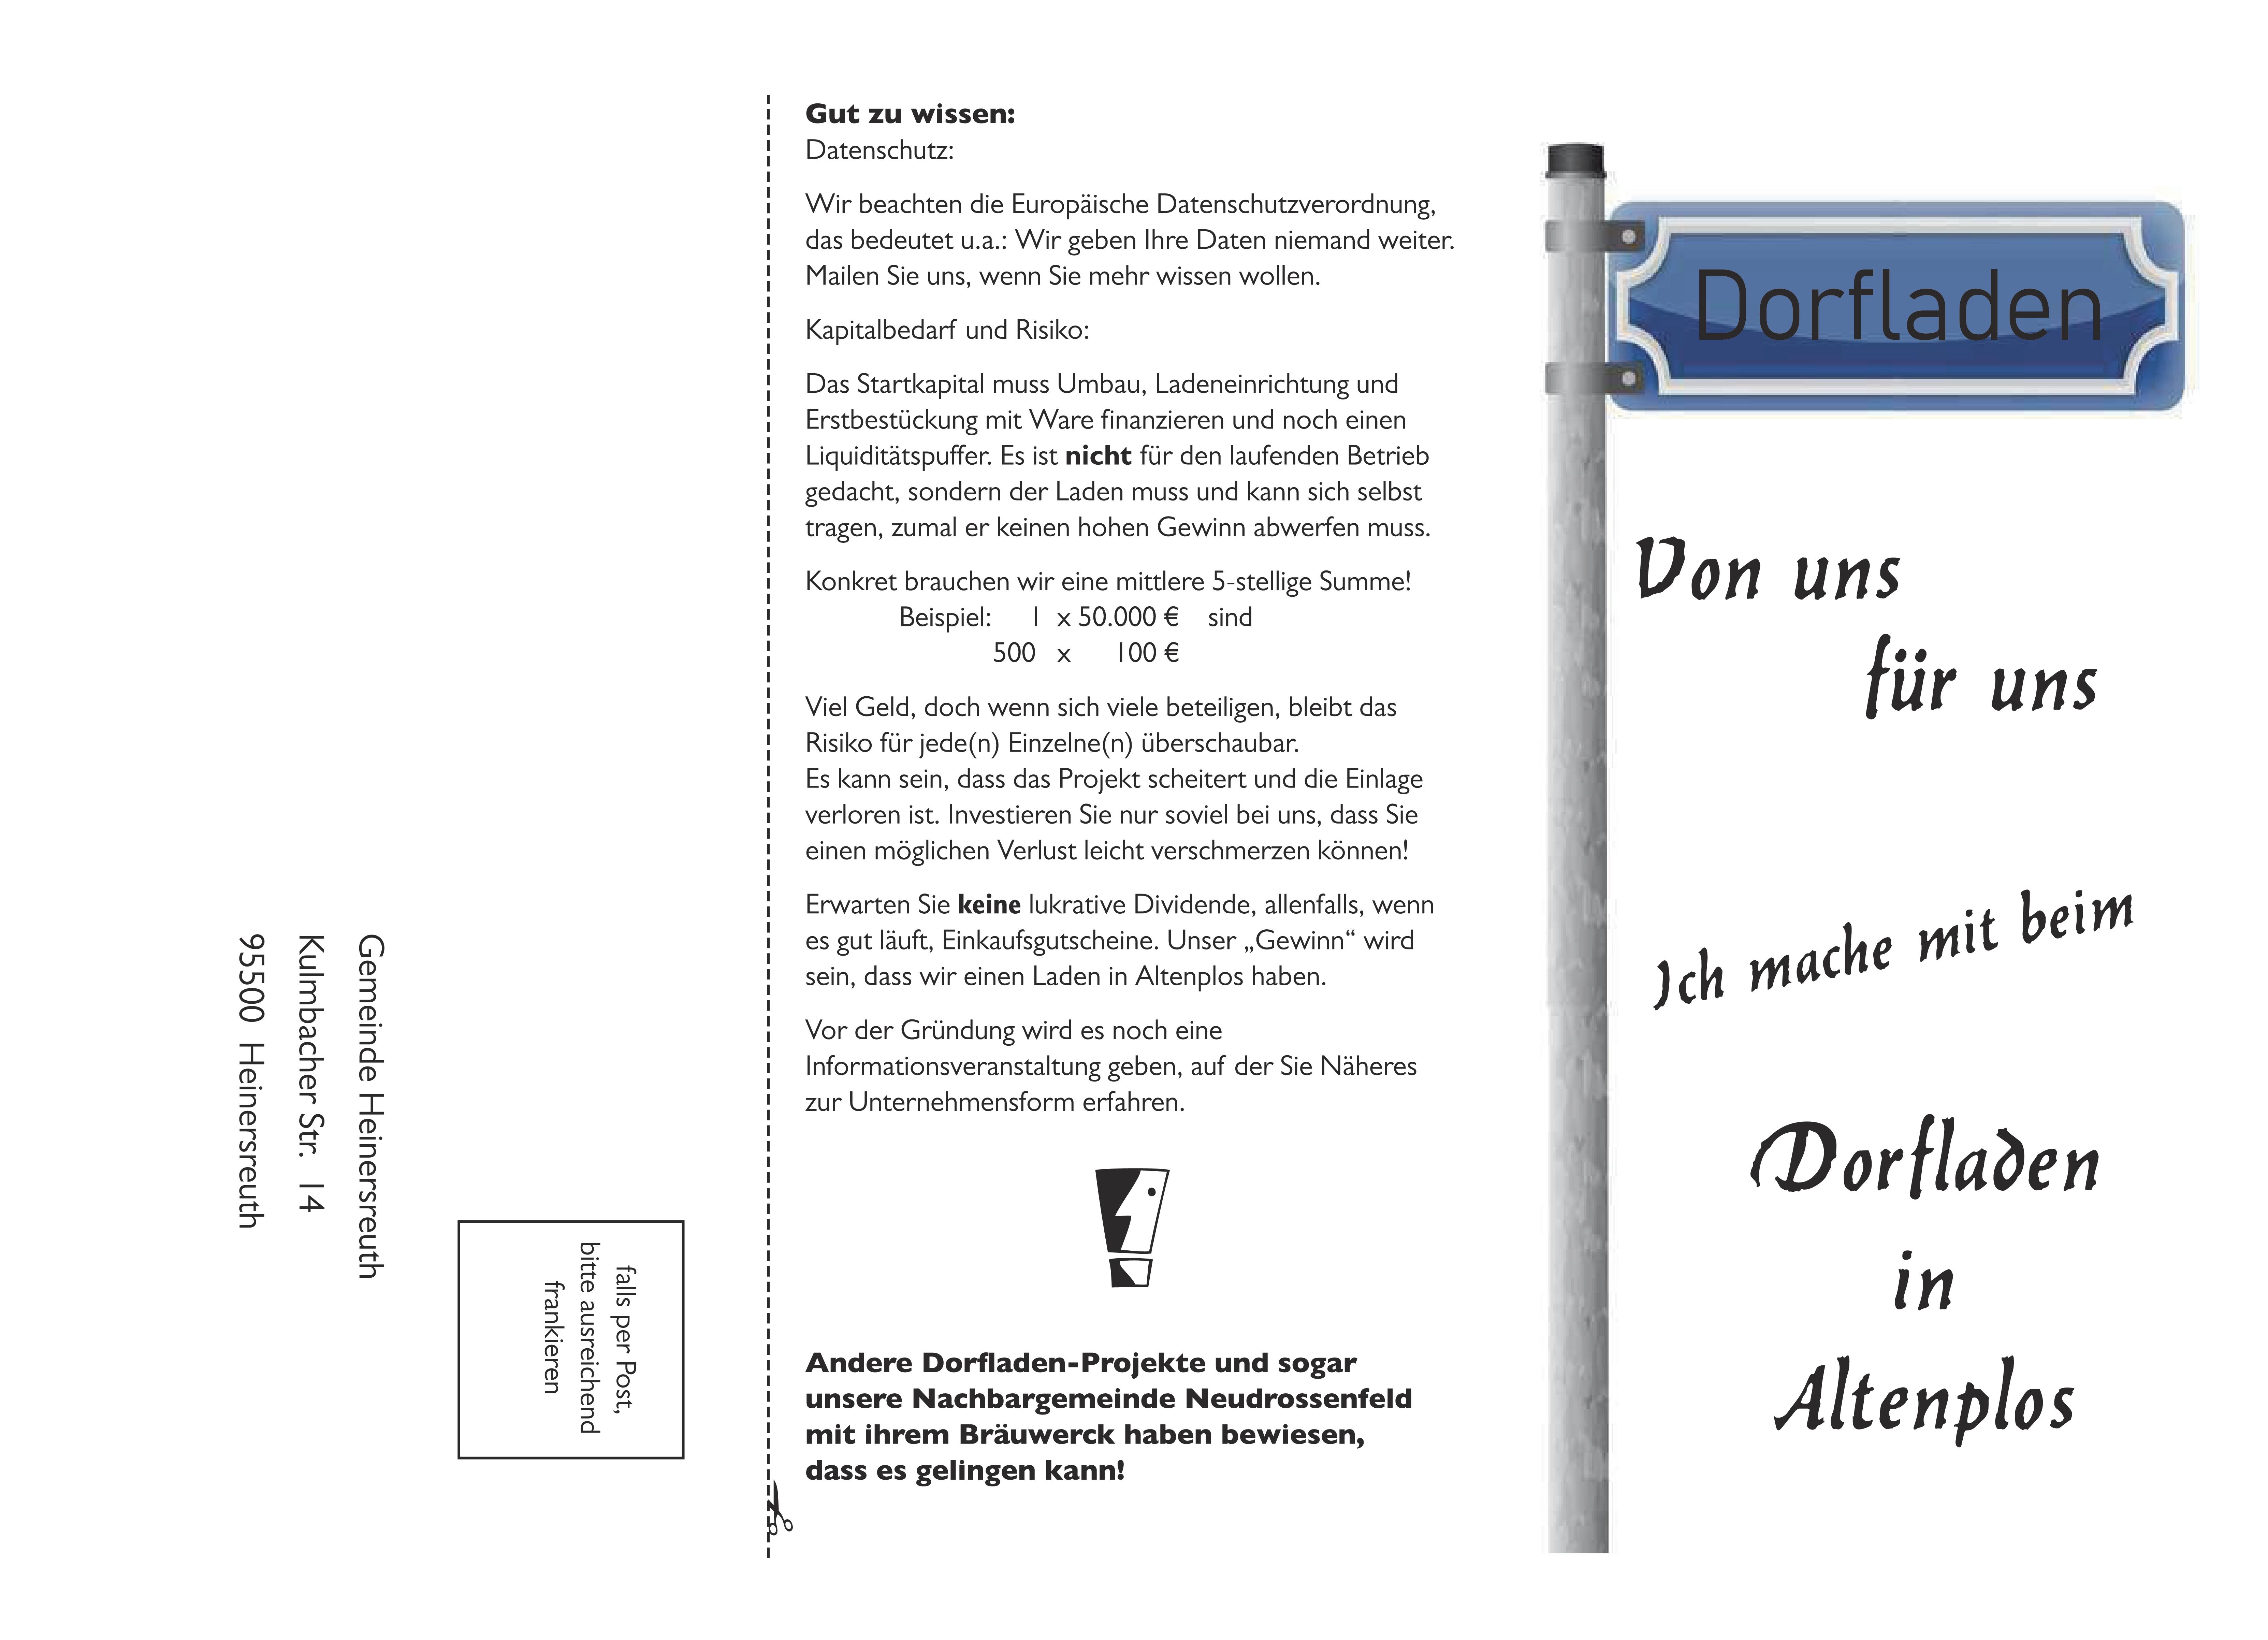 Flyer Dorfladen Bild 2